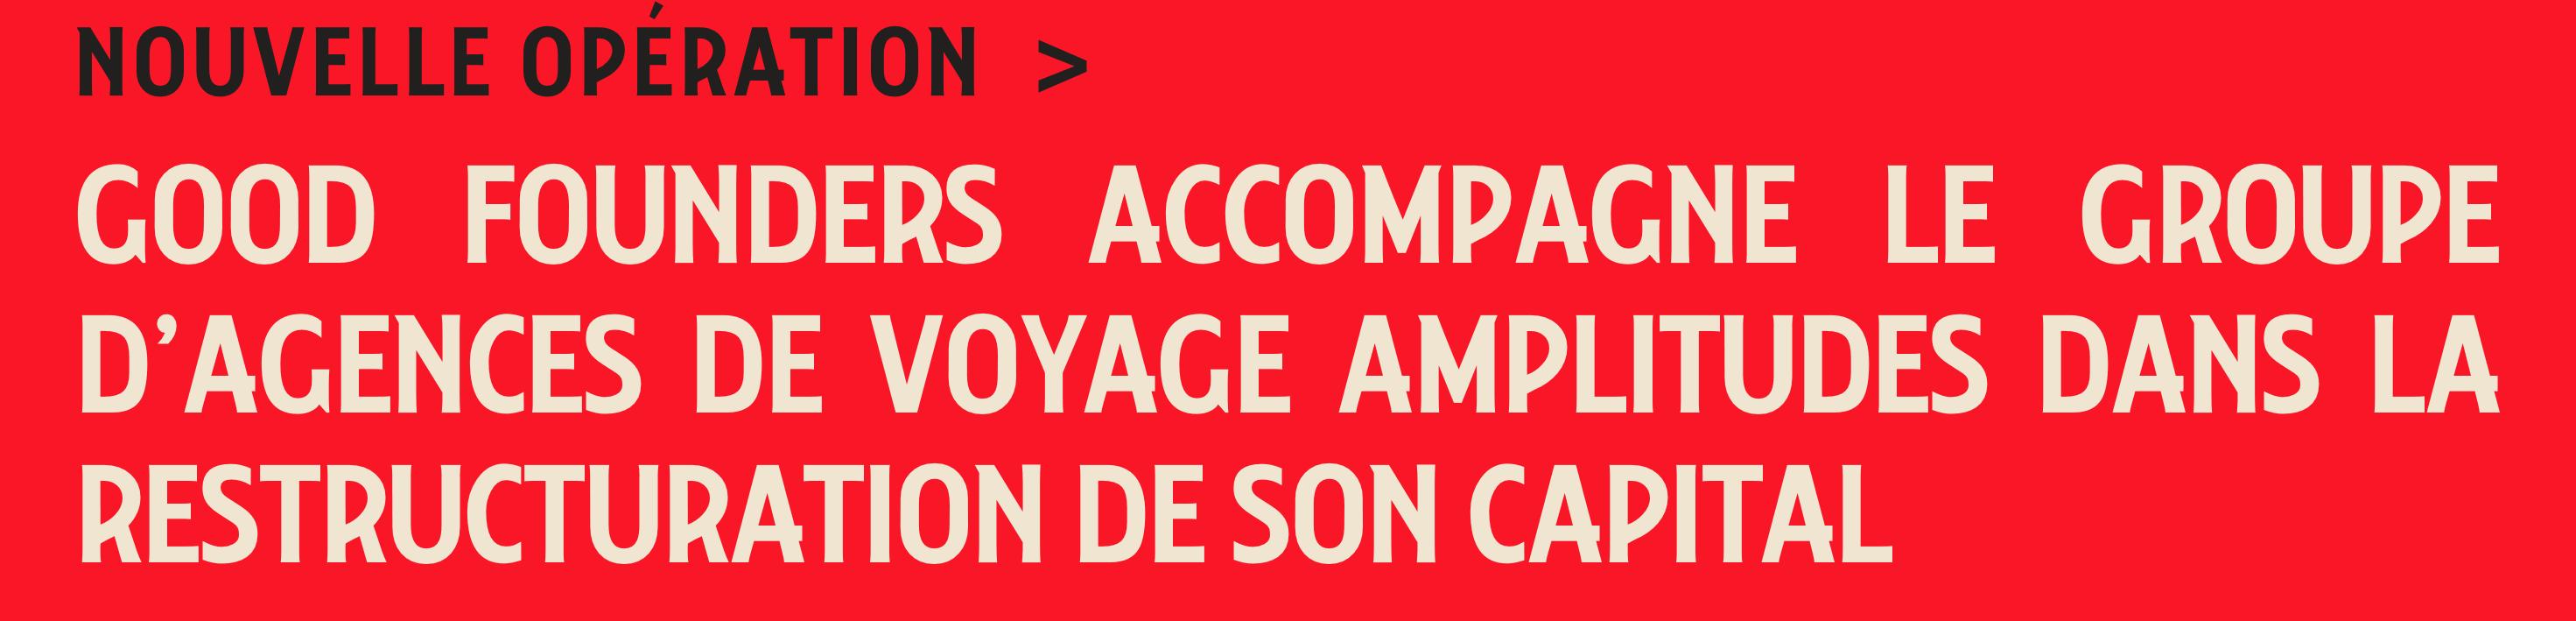 AMPLITUDES, l'agence de voyages toulousaine renouvelle l'équipage à bord de son capital